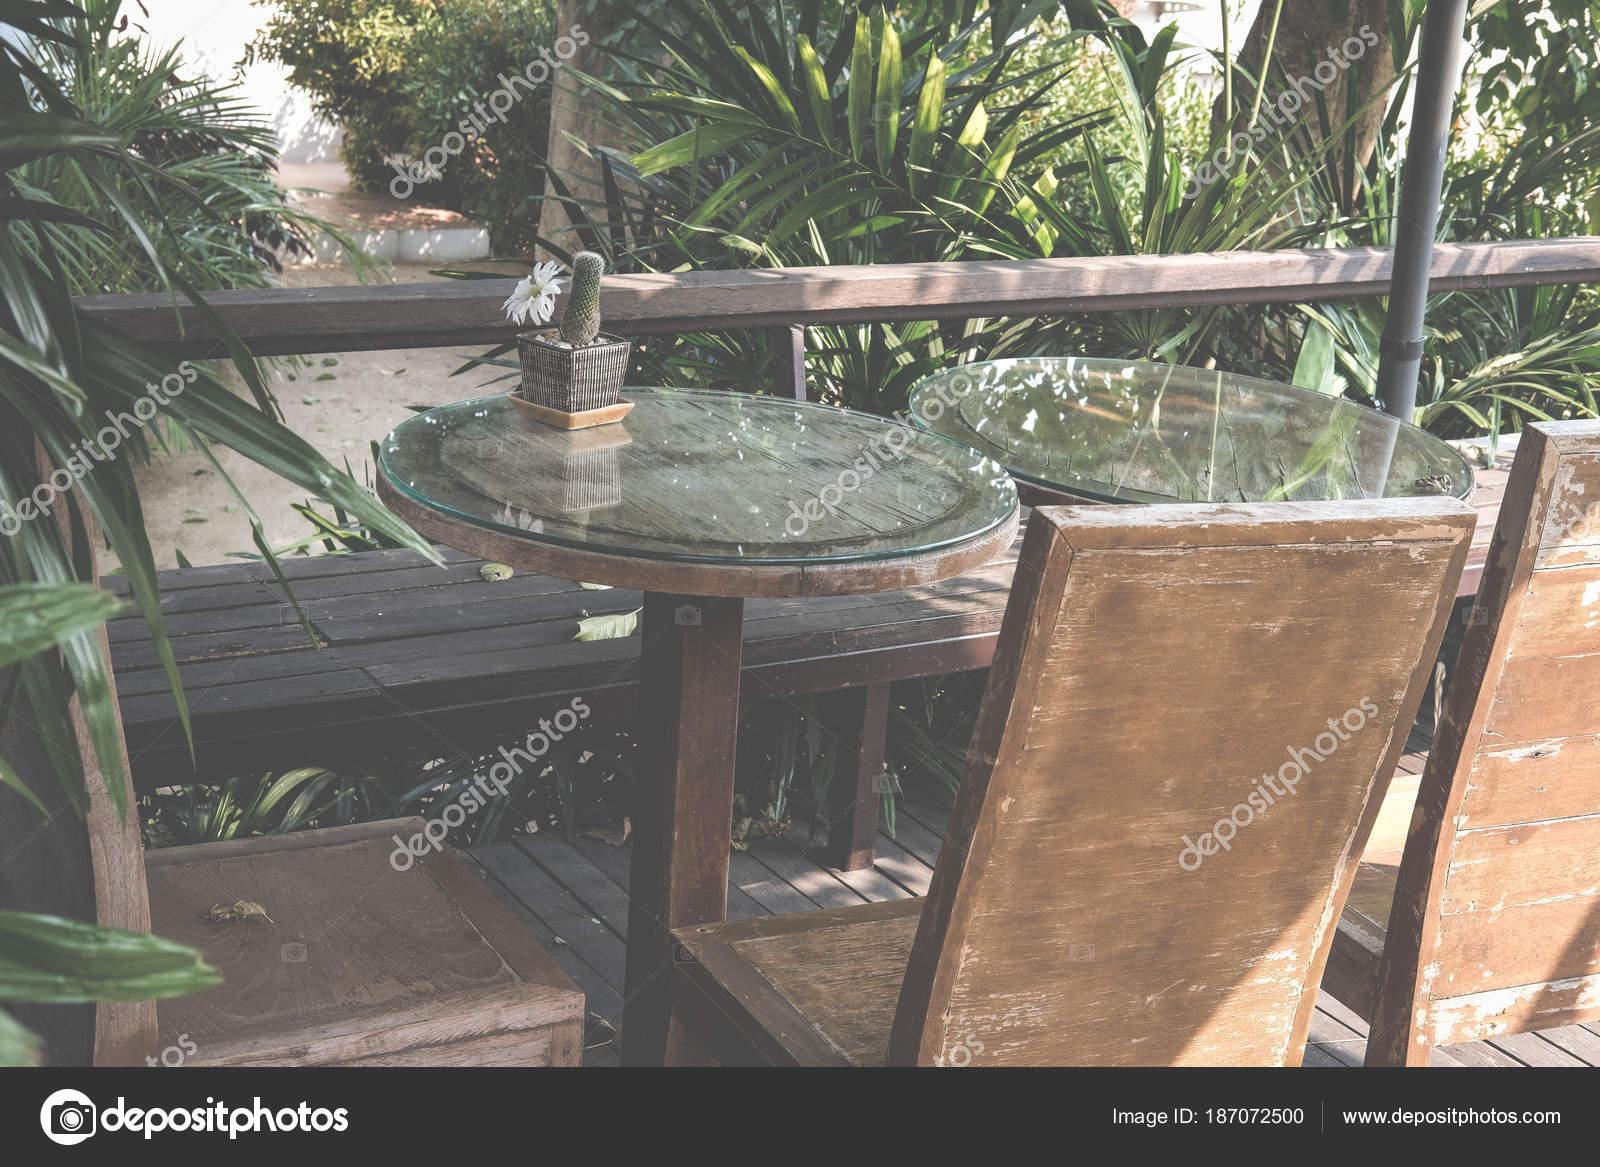 table ronde sur la terrasse de la maison. chaise en bois sur la ...